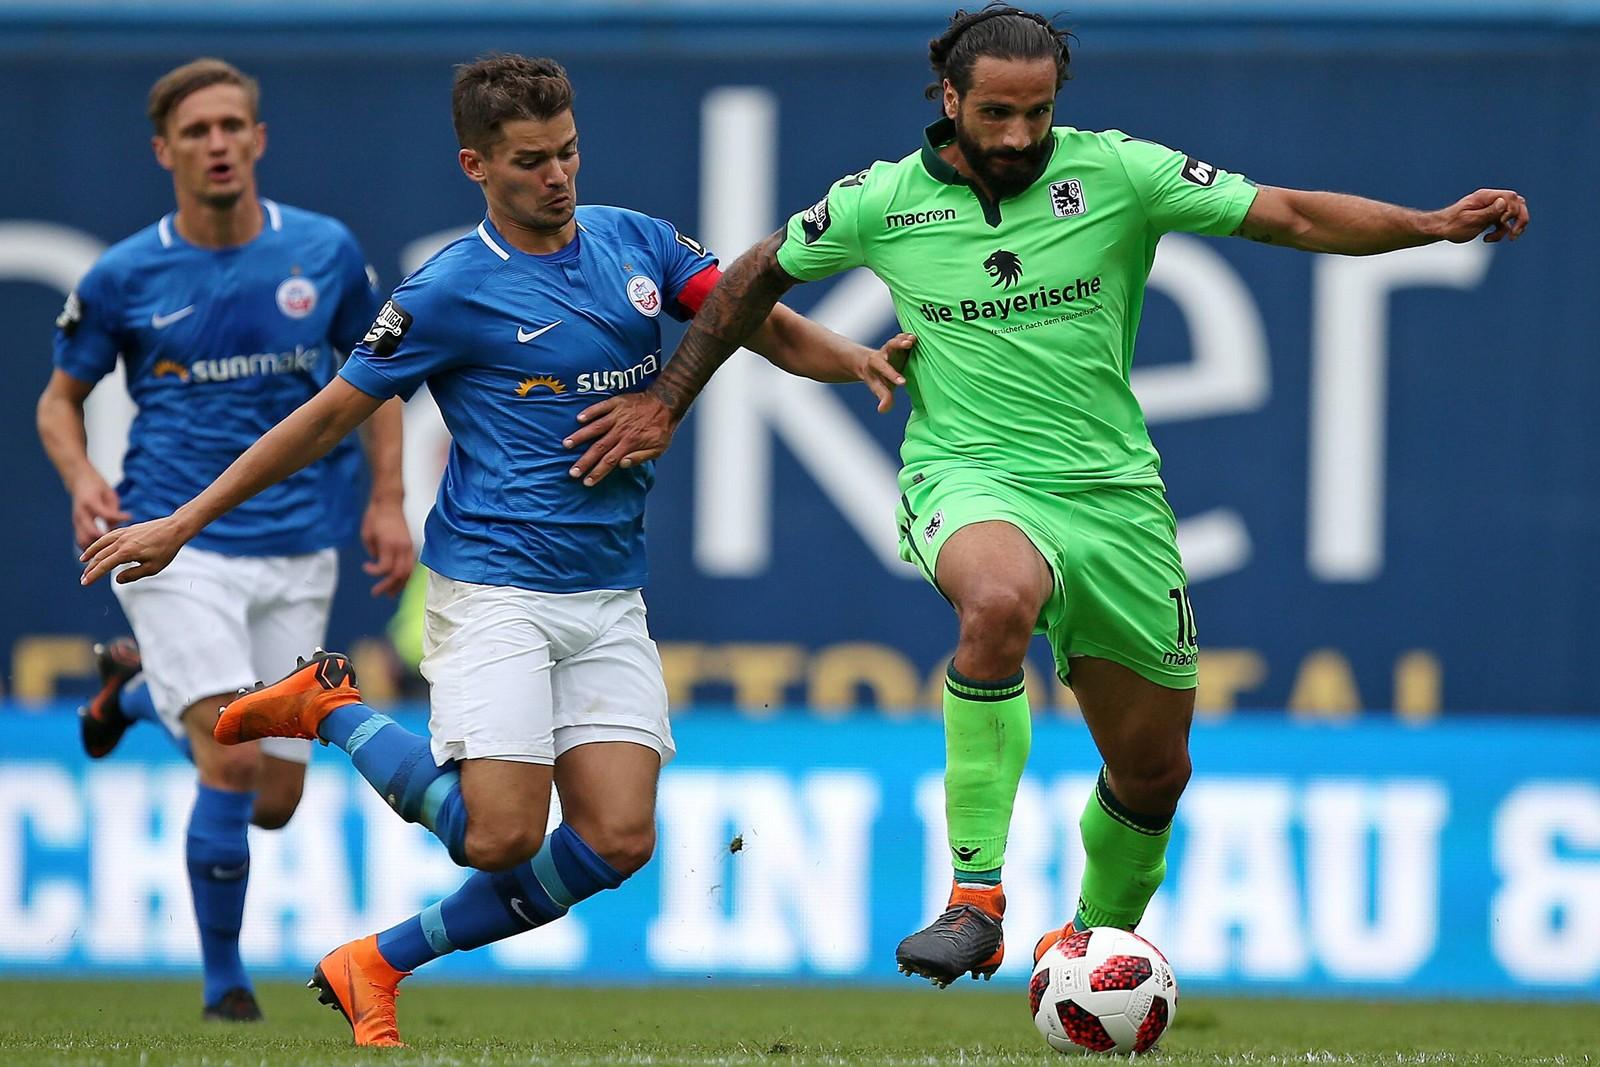 Münchens Topscorer Adriano Grimaldi (r.) musste gegen Hansa verletzt vom Platz.